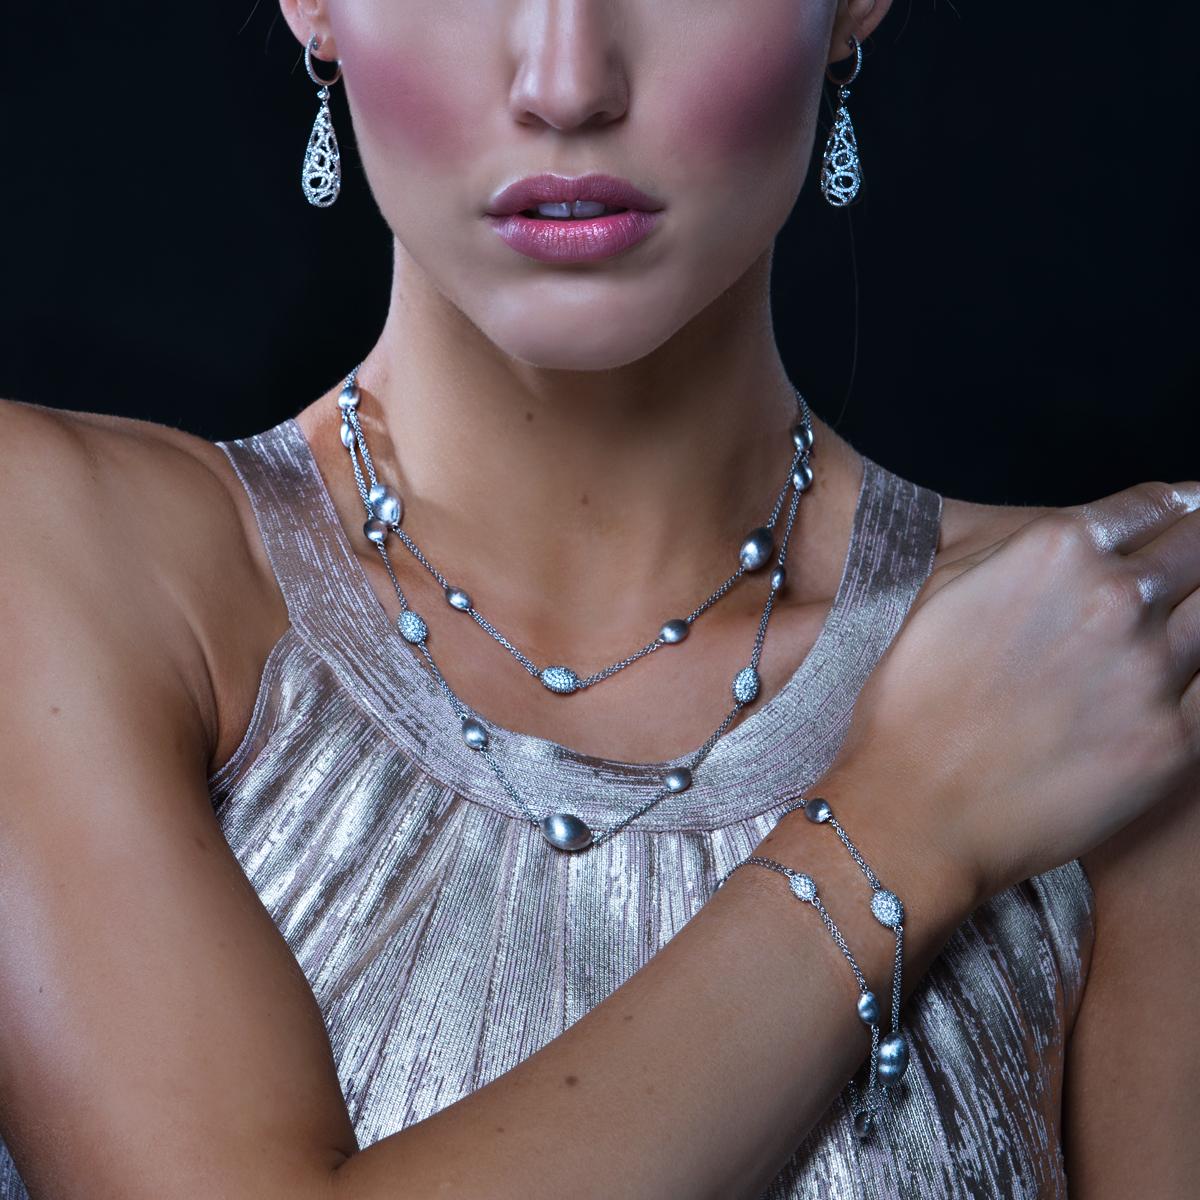 18K White Gold And Diamond Earrings - alternate